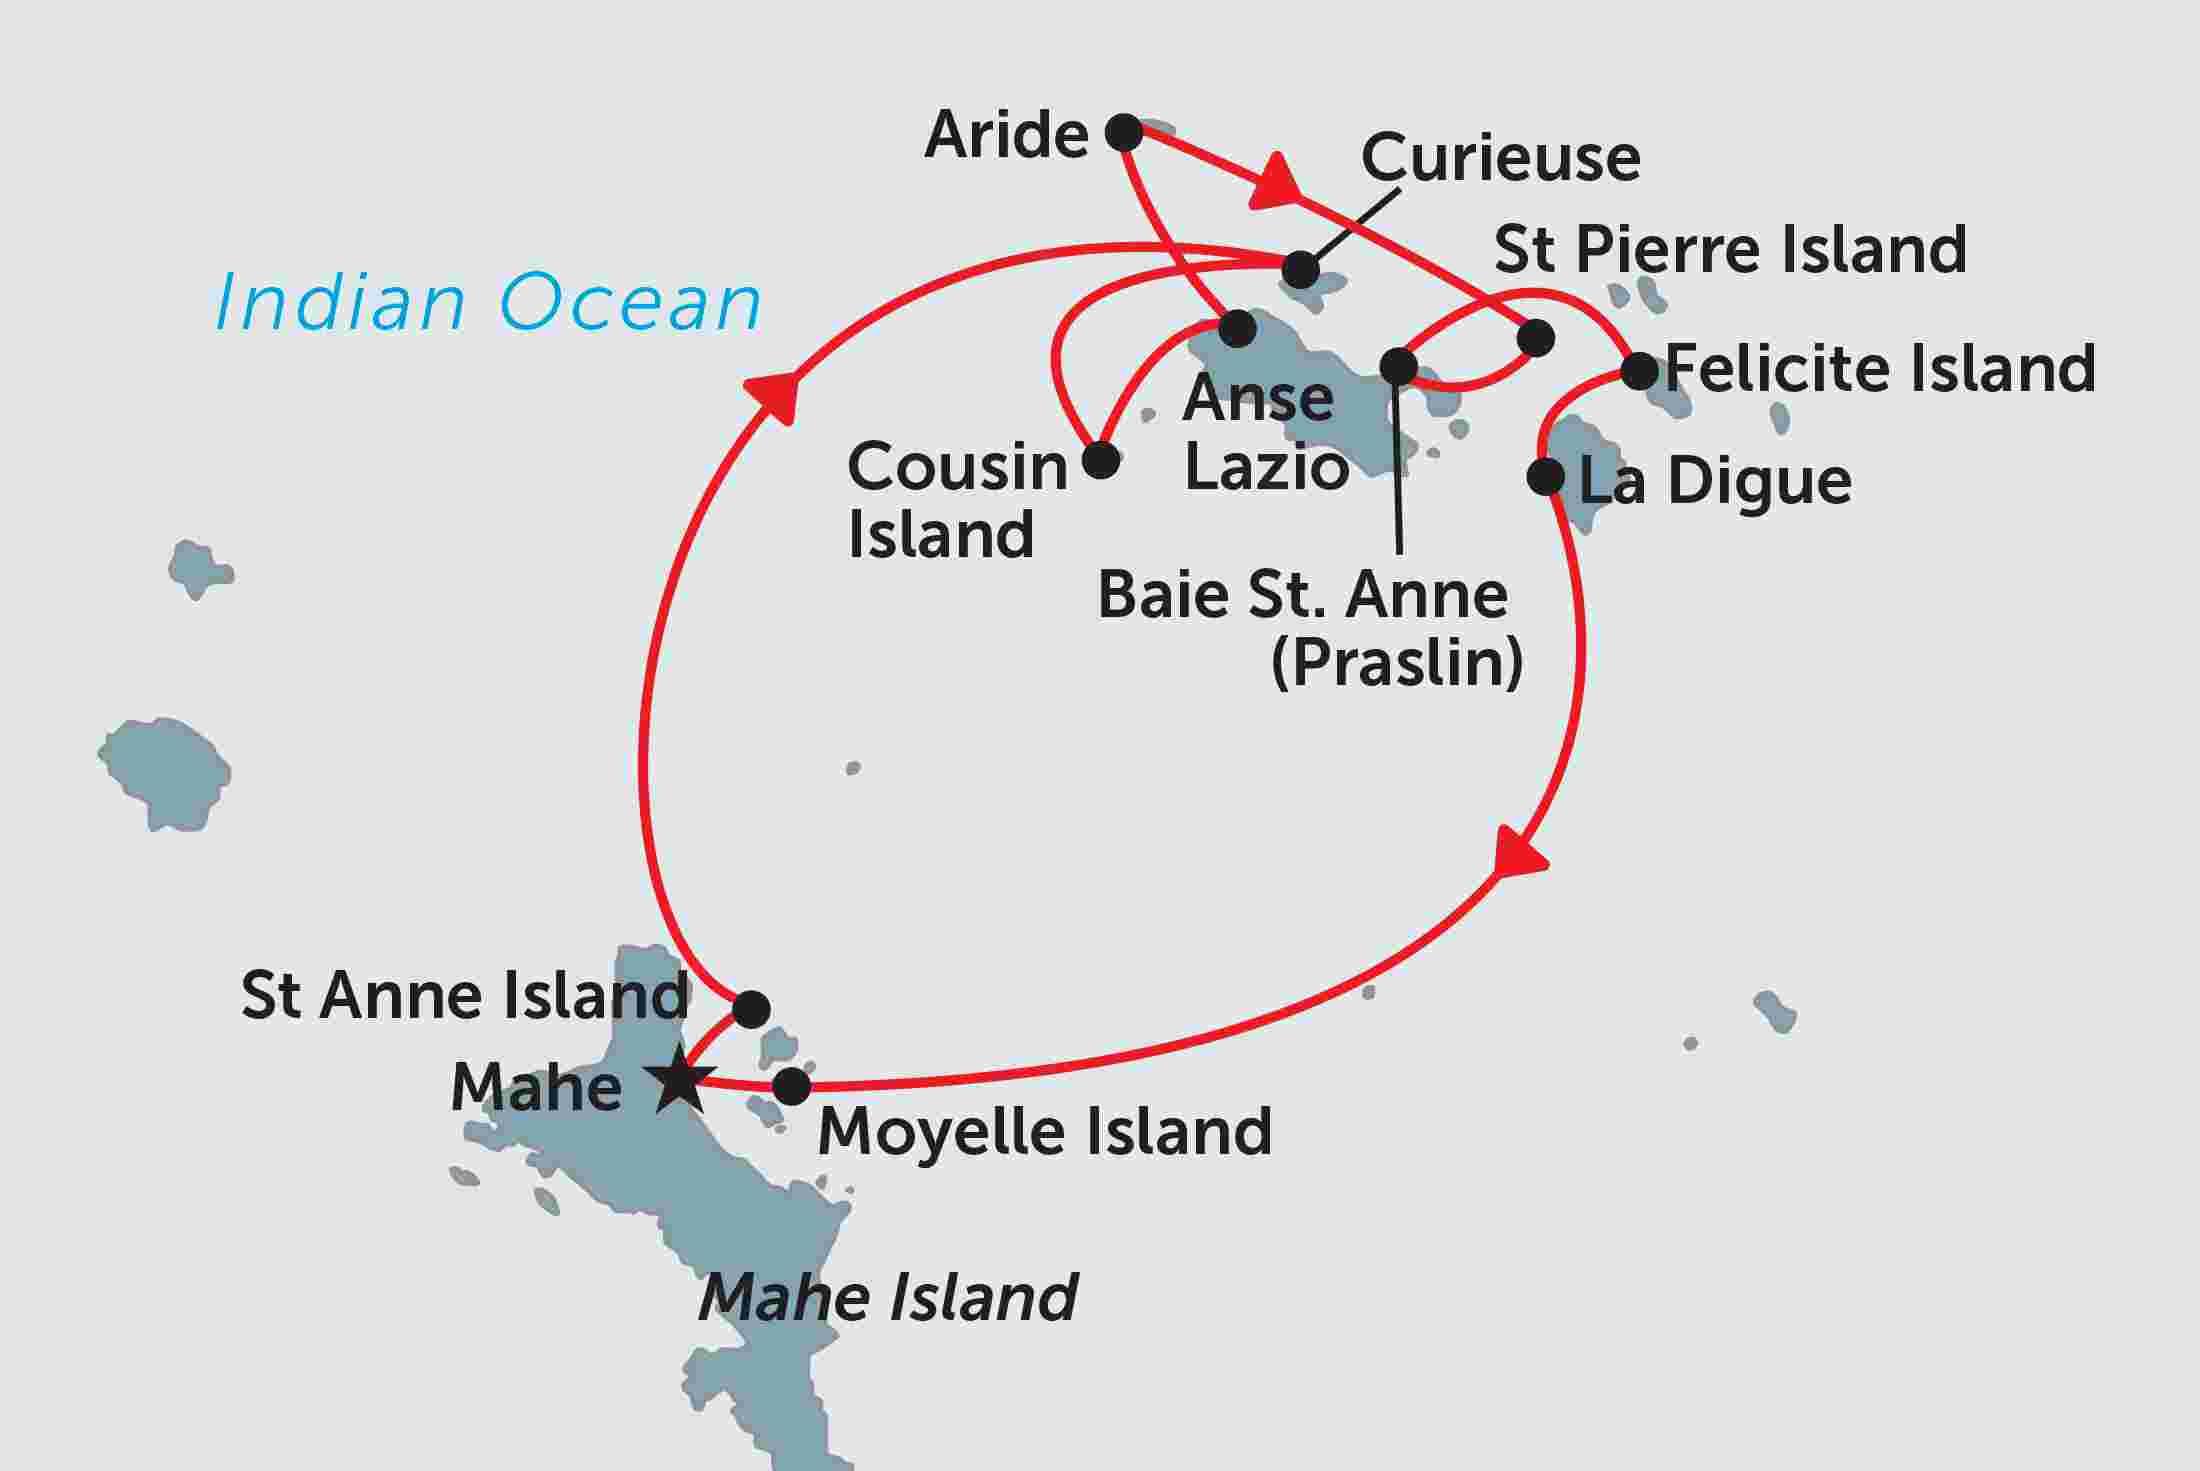 نقشه مسیرهای متعدد کشتی های کاتاماران